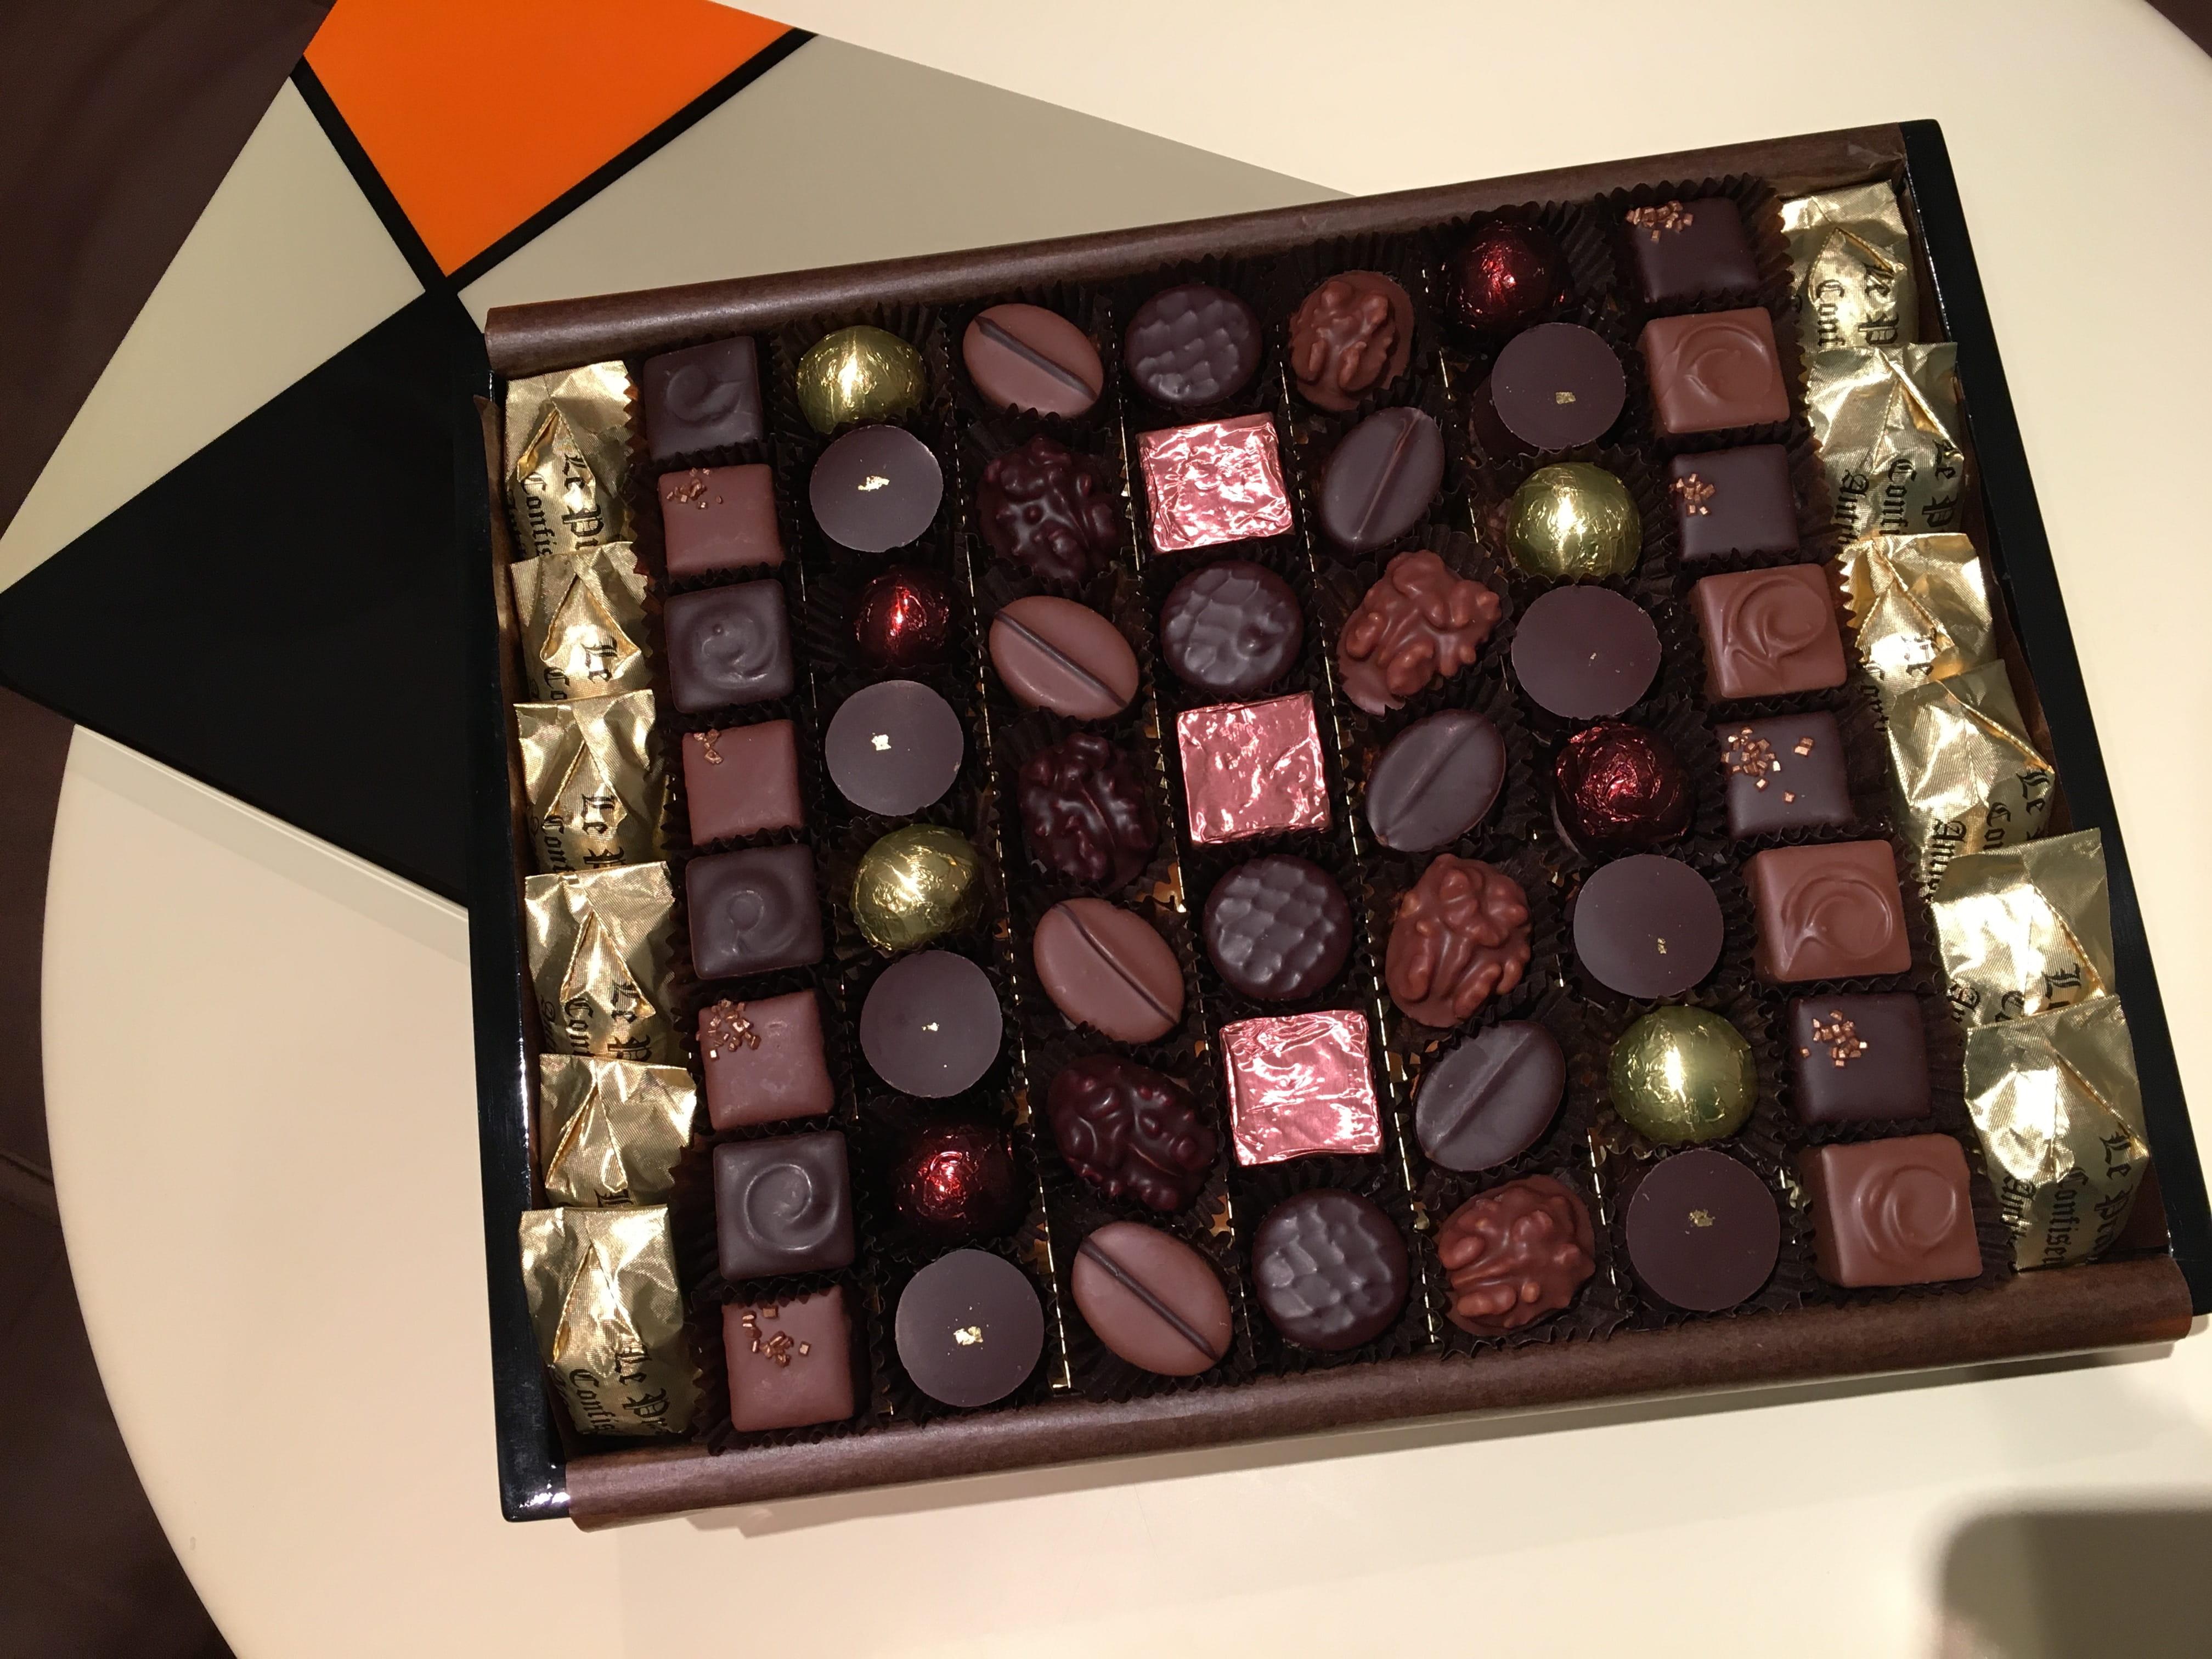 Boite de chocolats haut de gamme Le Pralin.